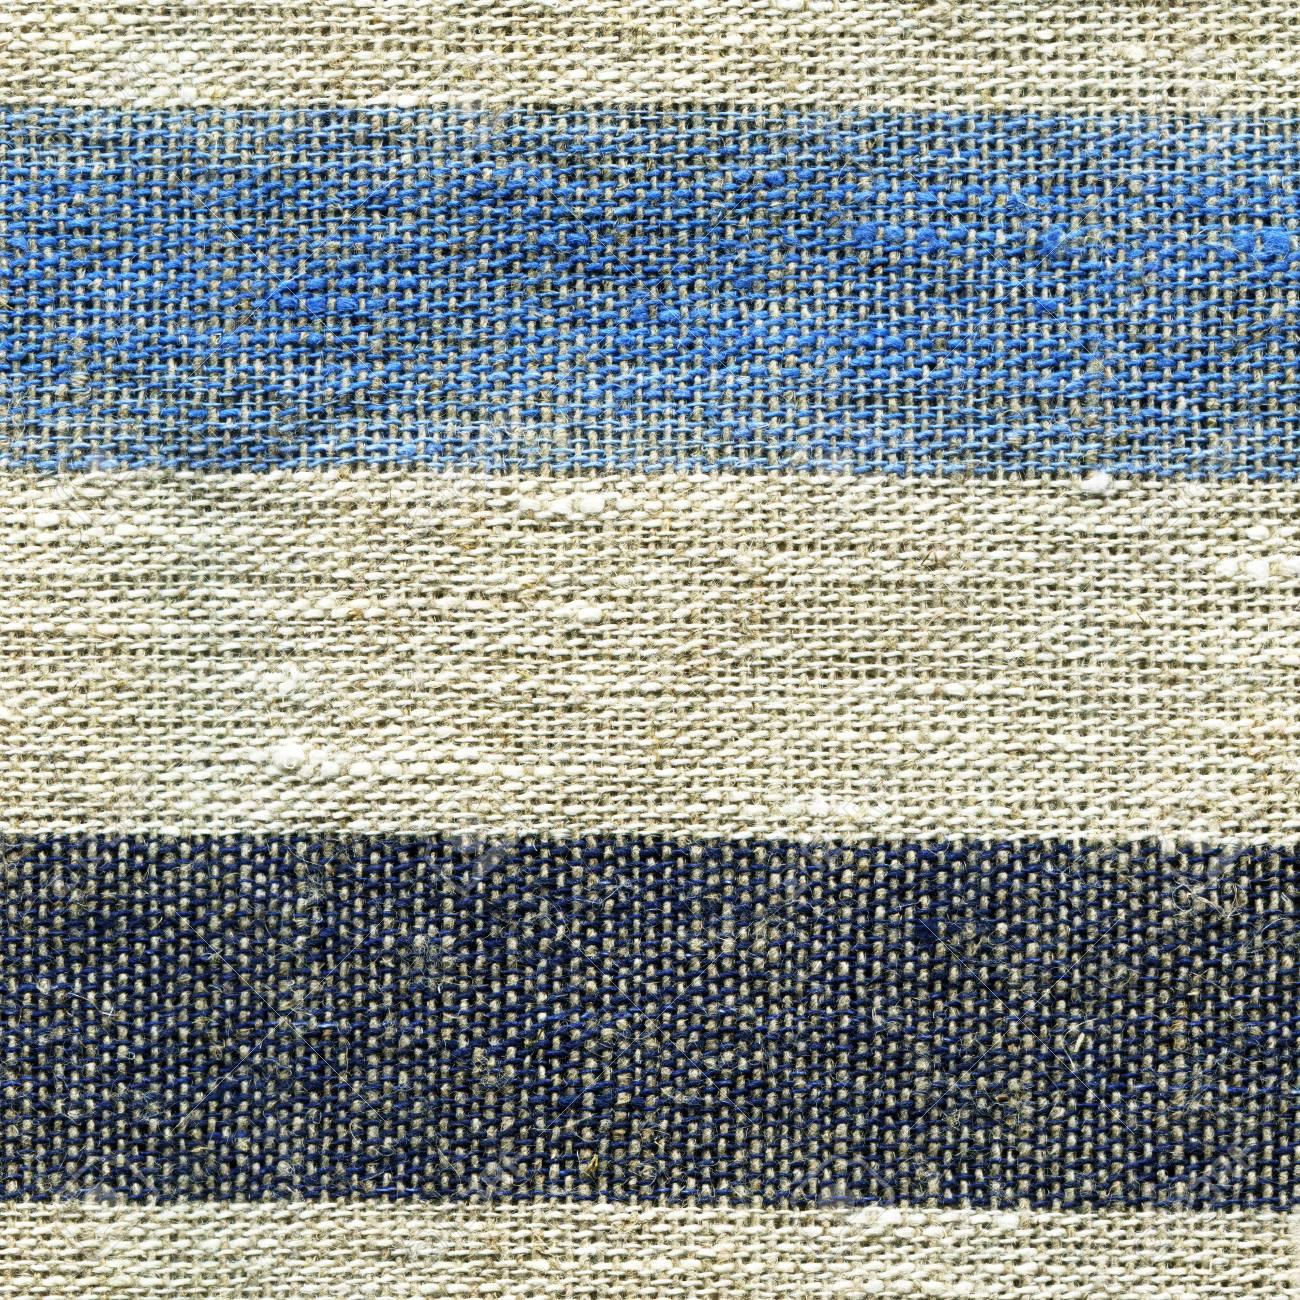 Azul, Beige, Patrón De Rayas Gris En Tela De Lino. Textura De La ...